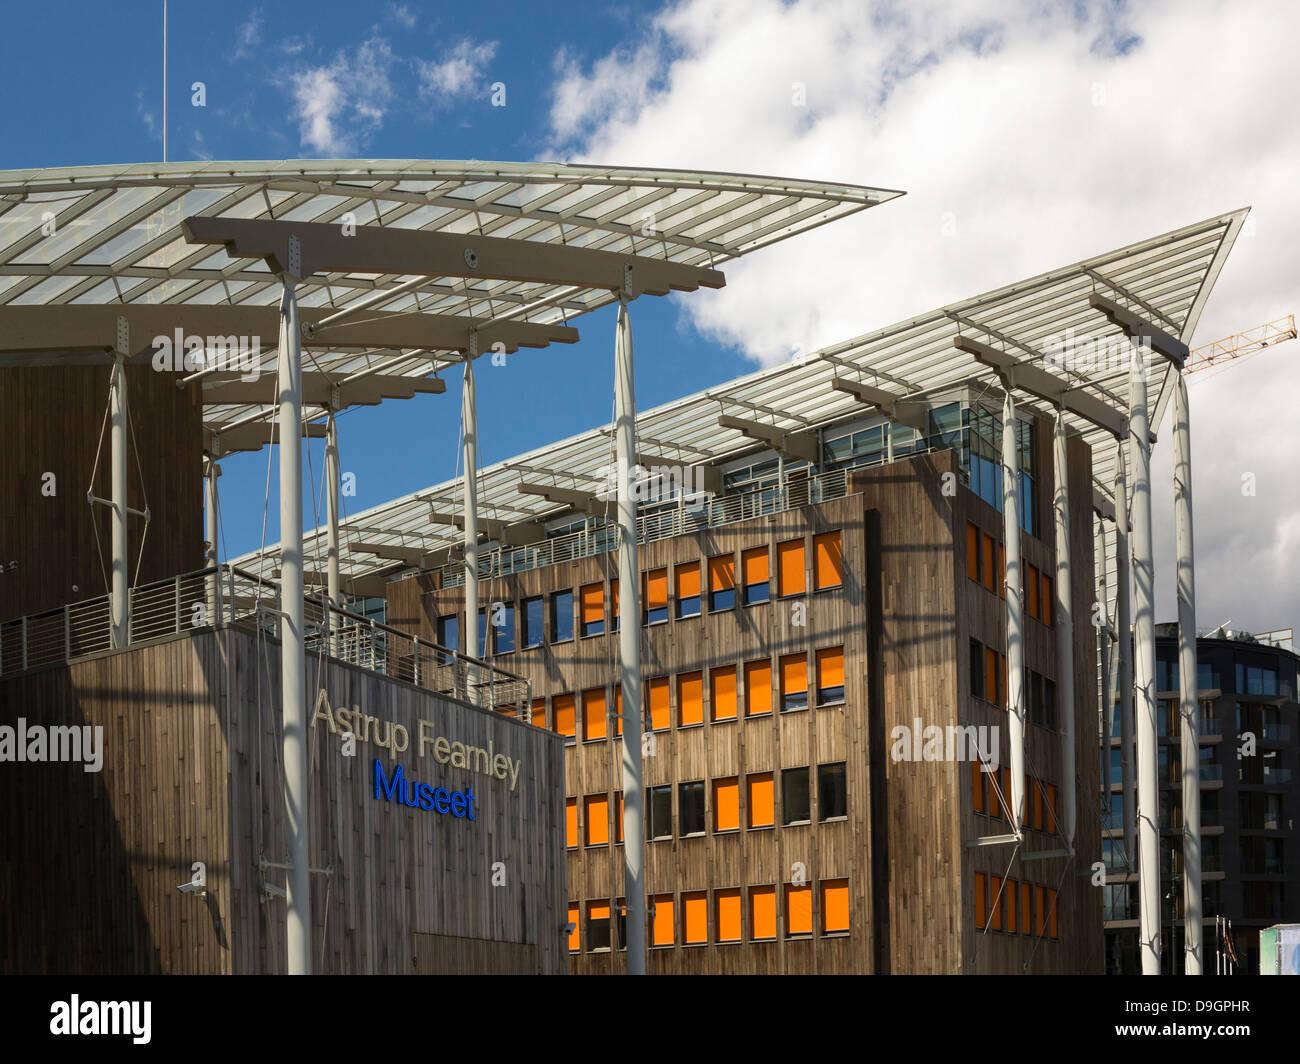 Astrup Fearnley Museet, il Museo di Arte Moderna di Oslo, Norvegia, Europa - Architettura moderna Immagini Stock